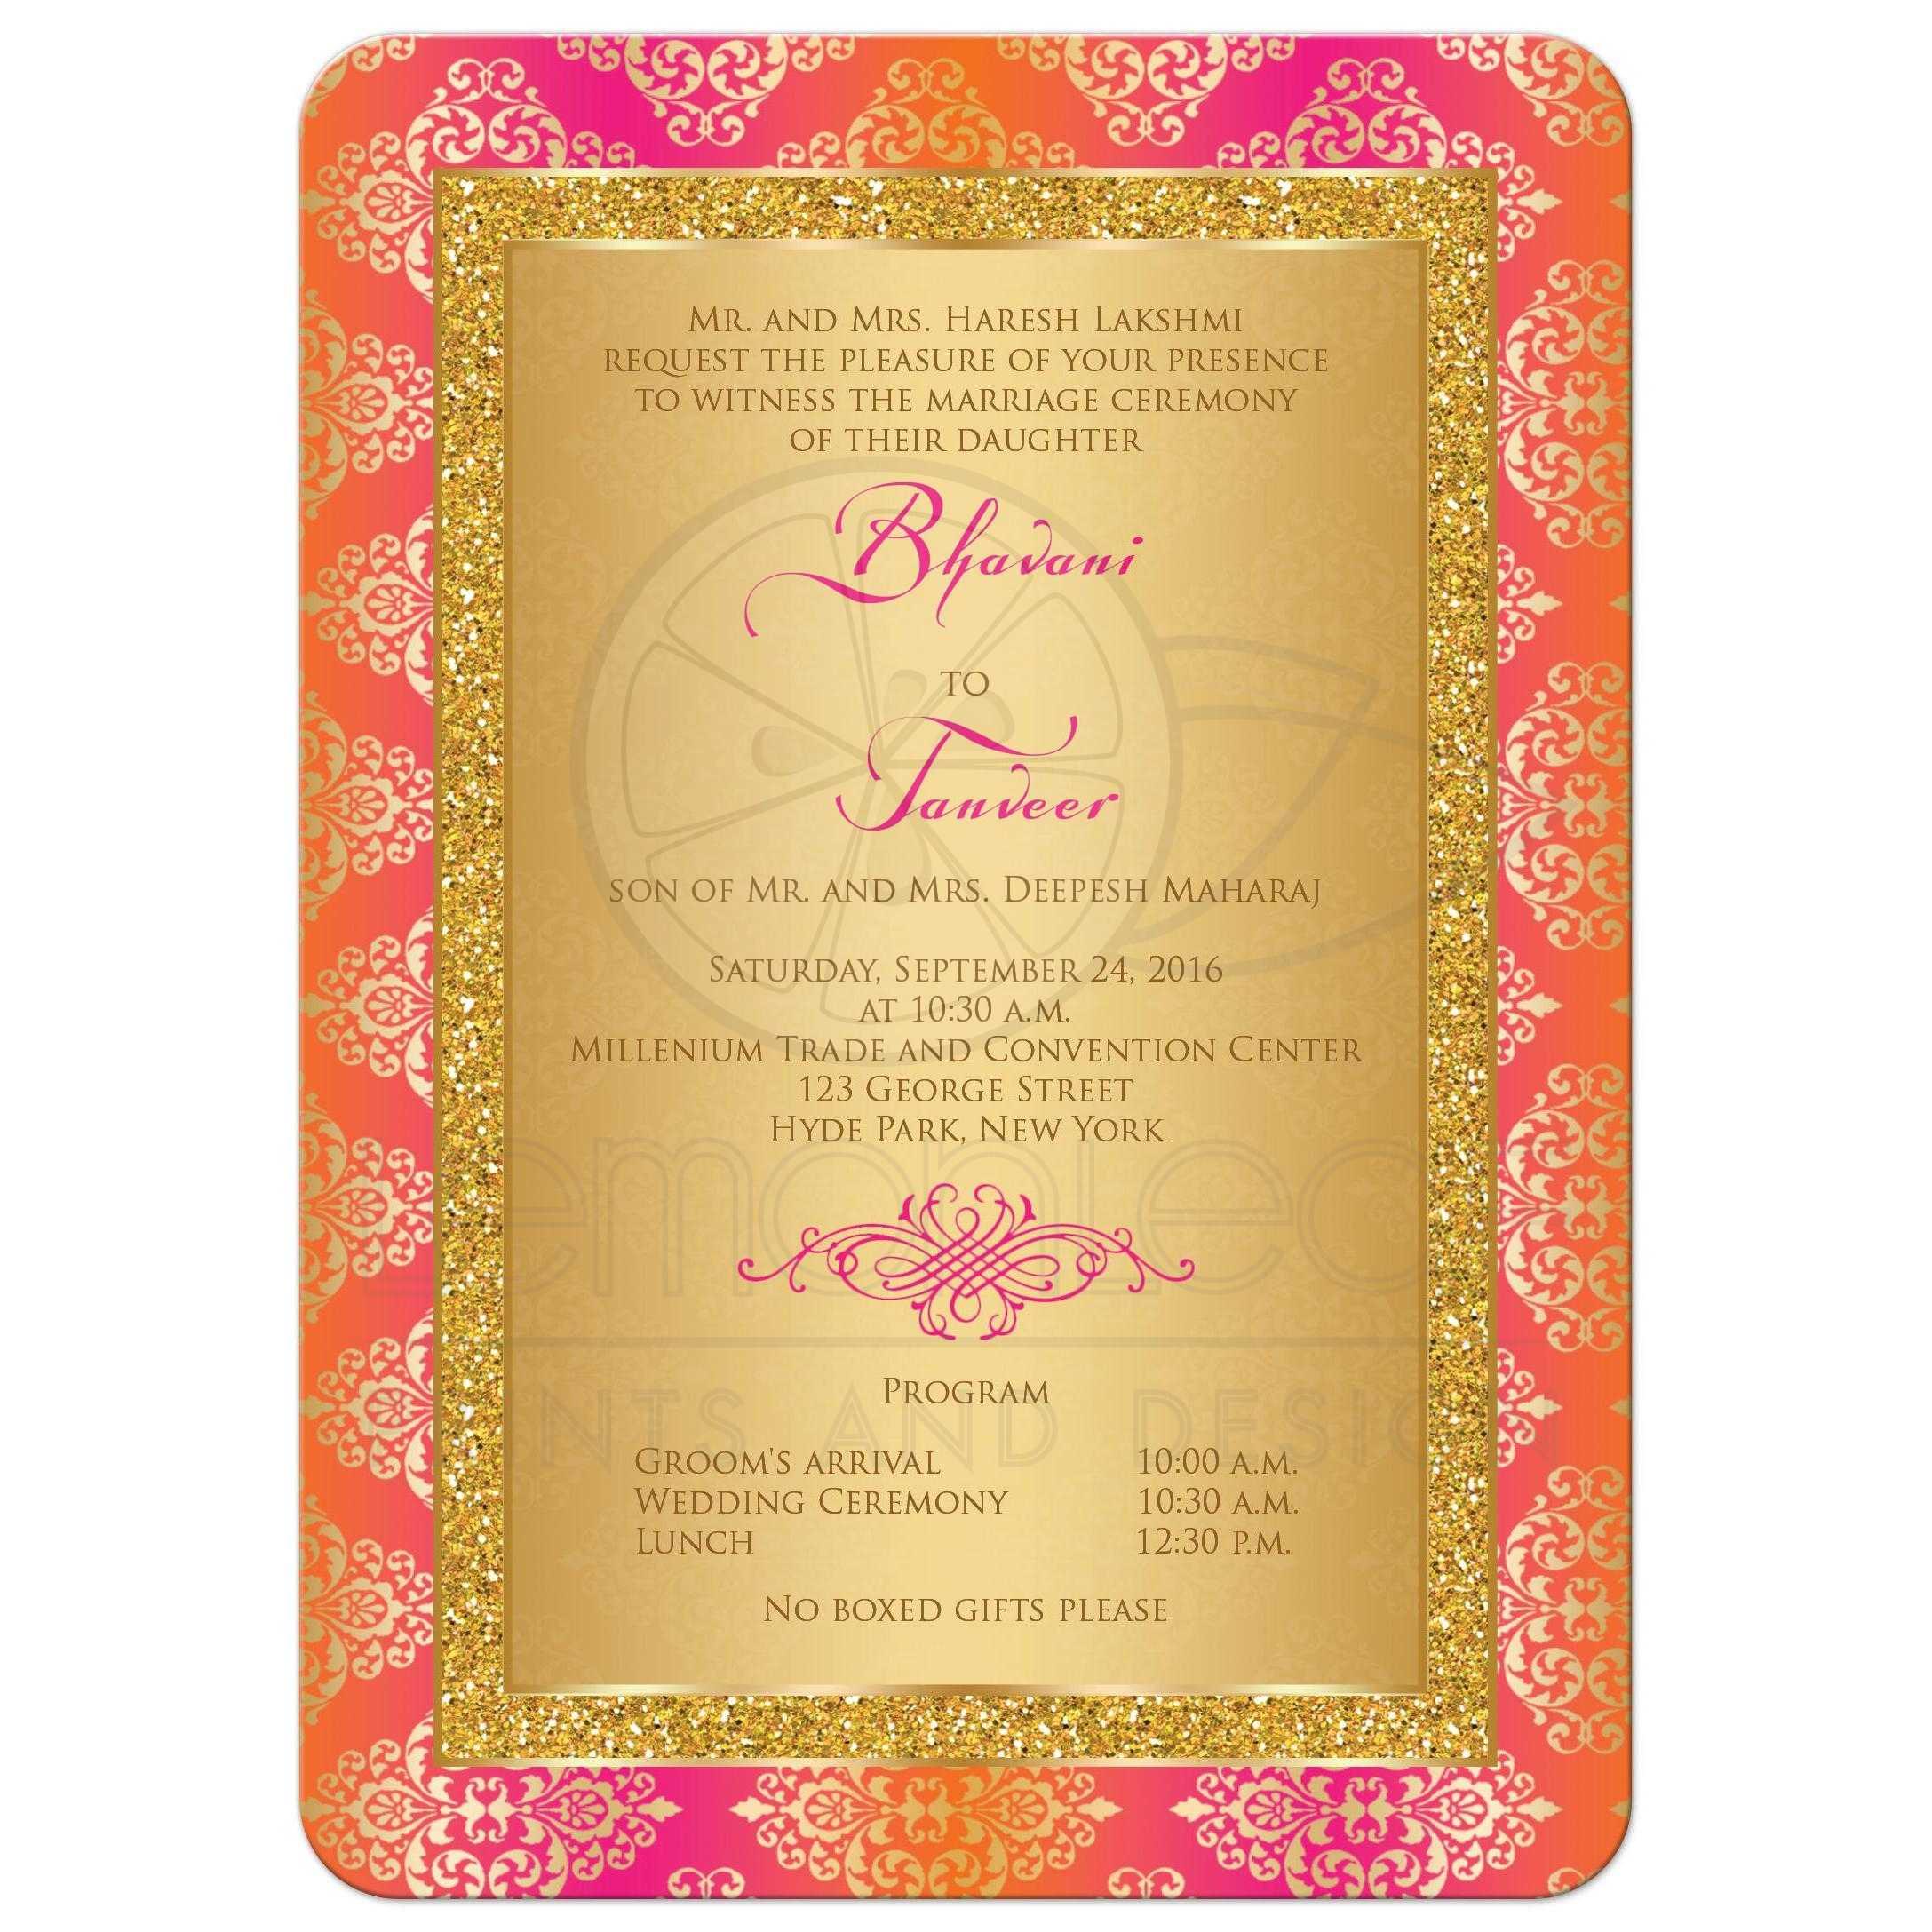 Wedding Invitation | Fuchsia, Orange, Gold Damask | Faux Gold ...